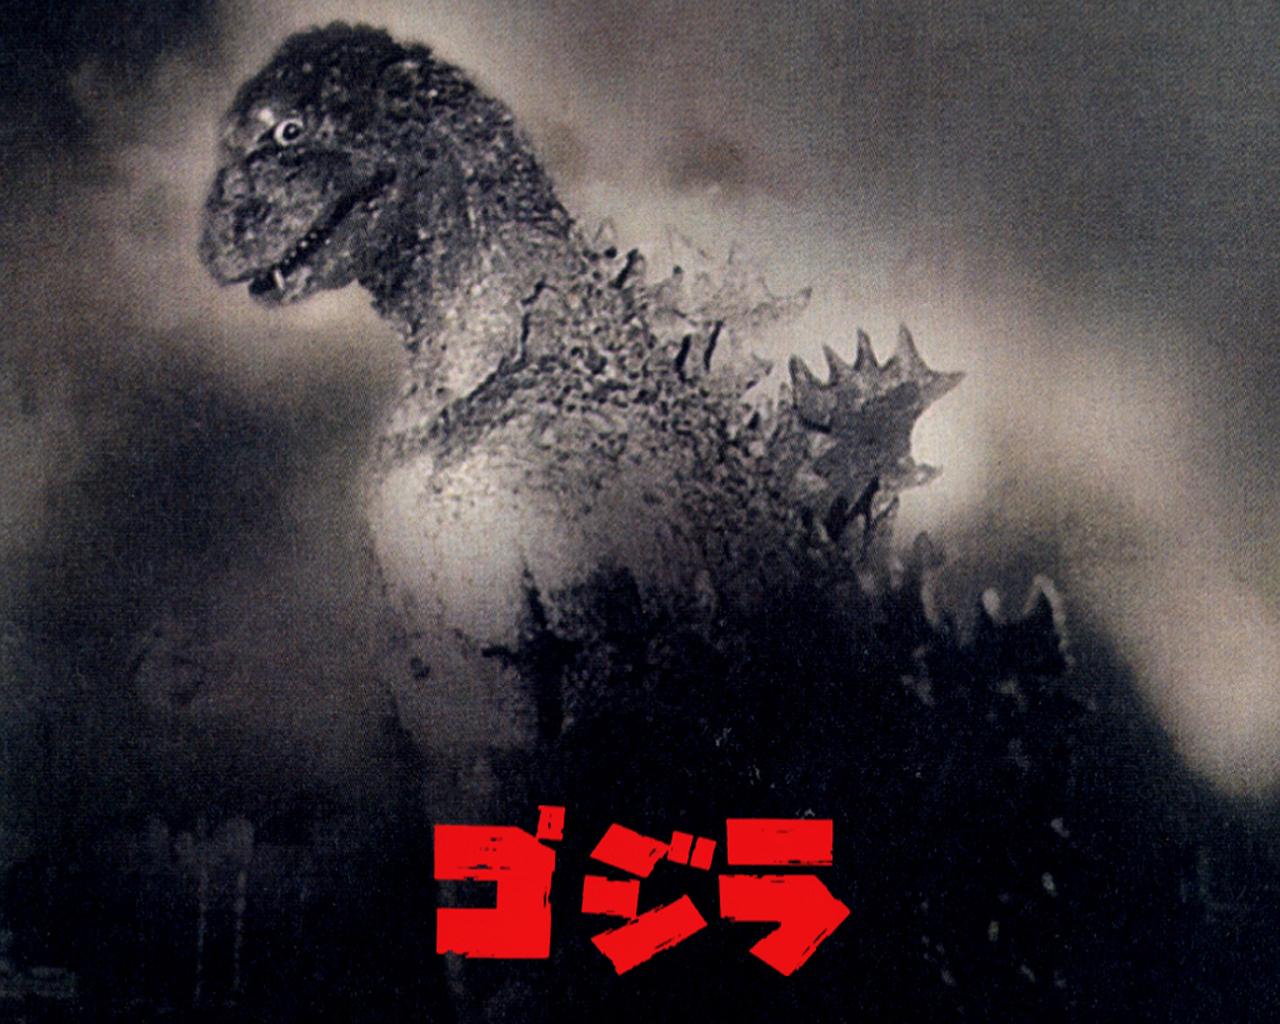 Godzilla Wallpaper Godzilla wallpaper 1280x1024